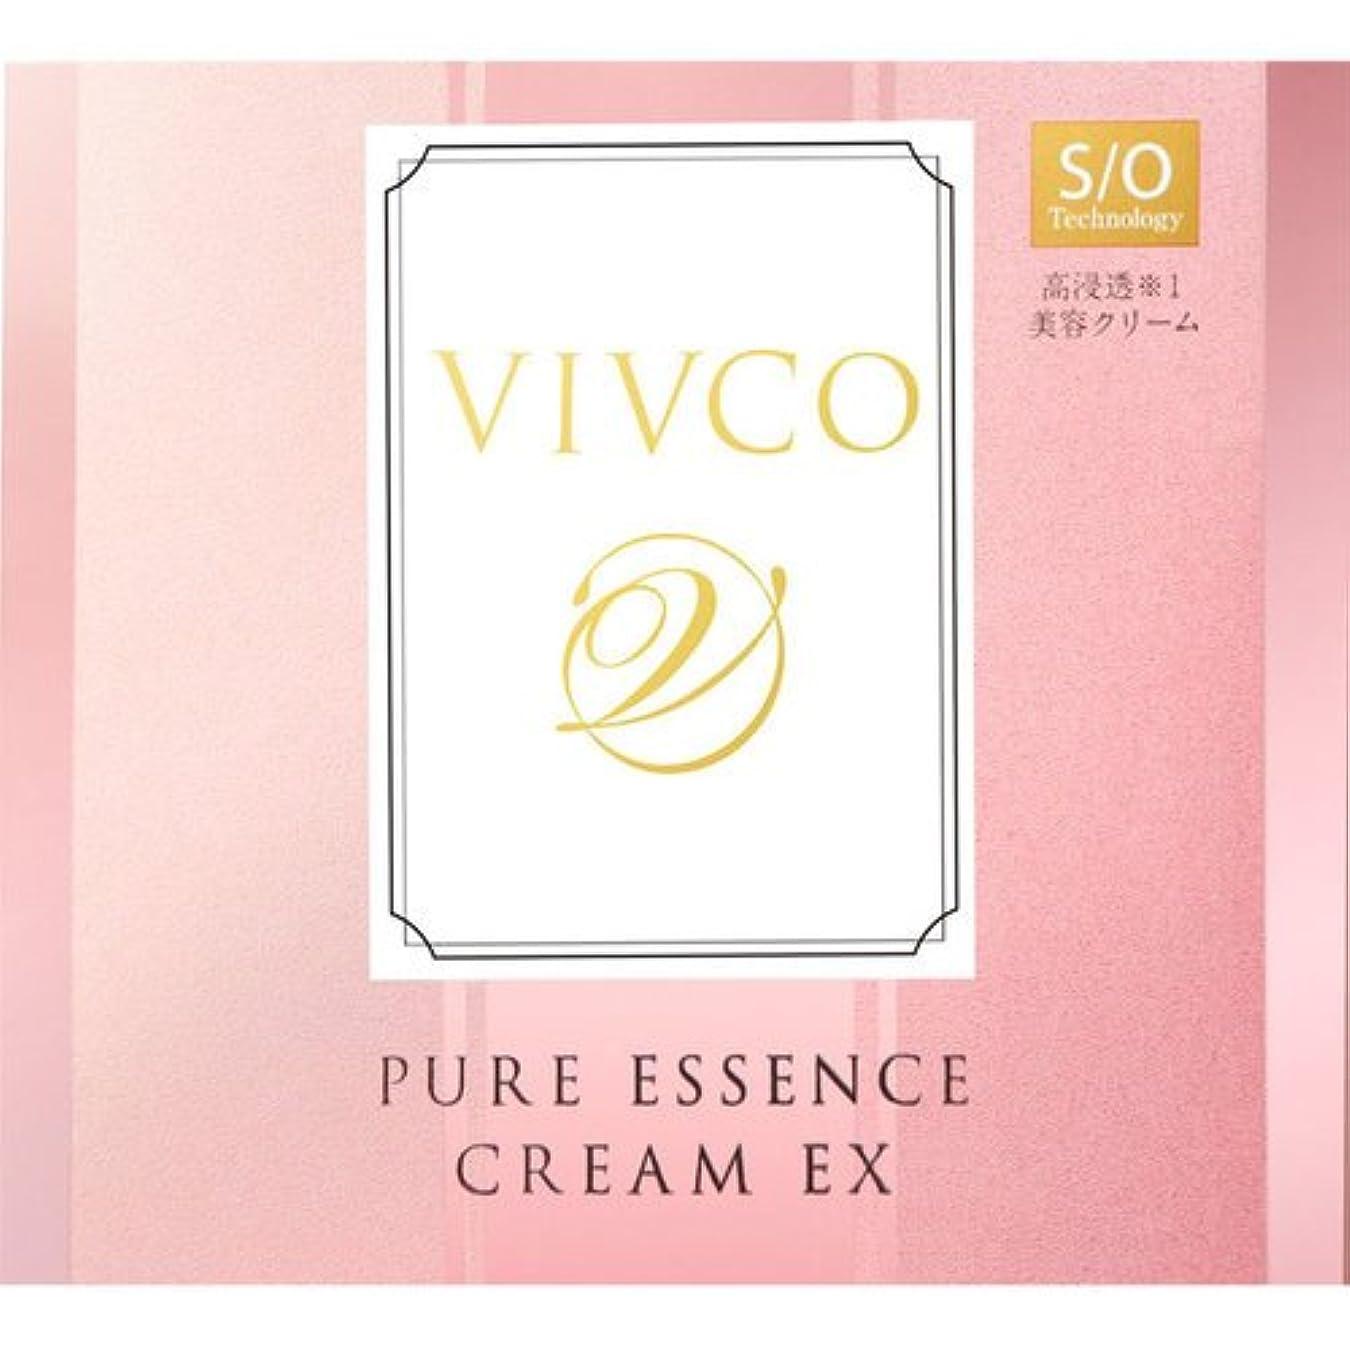 適応するハウスまだVIVCO(ヴィヴコ) ピュアエッセンス クリームEX 60g